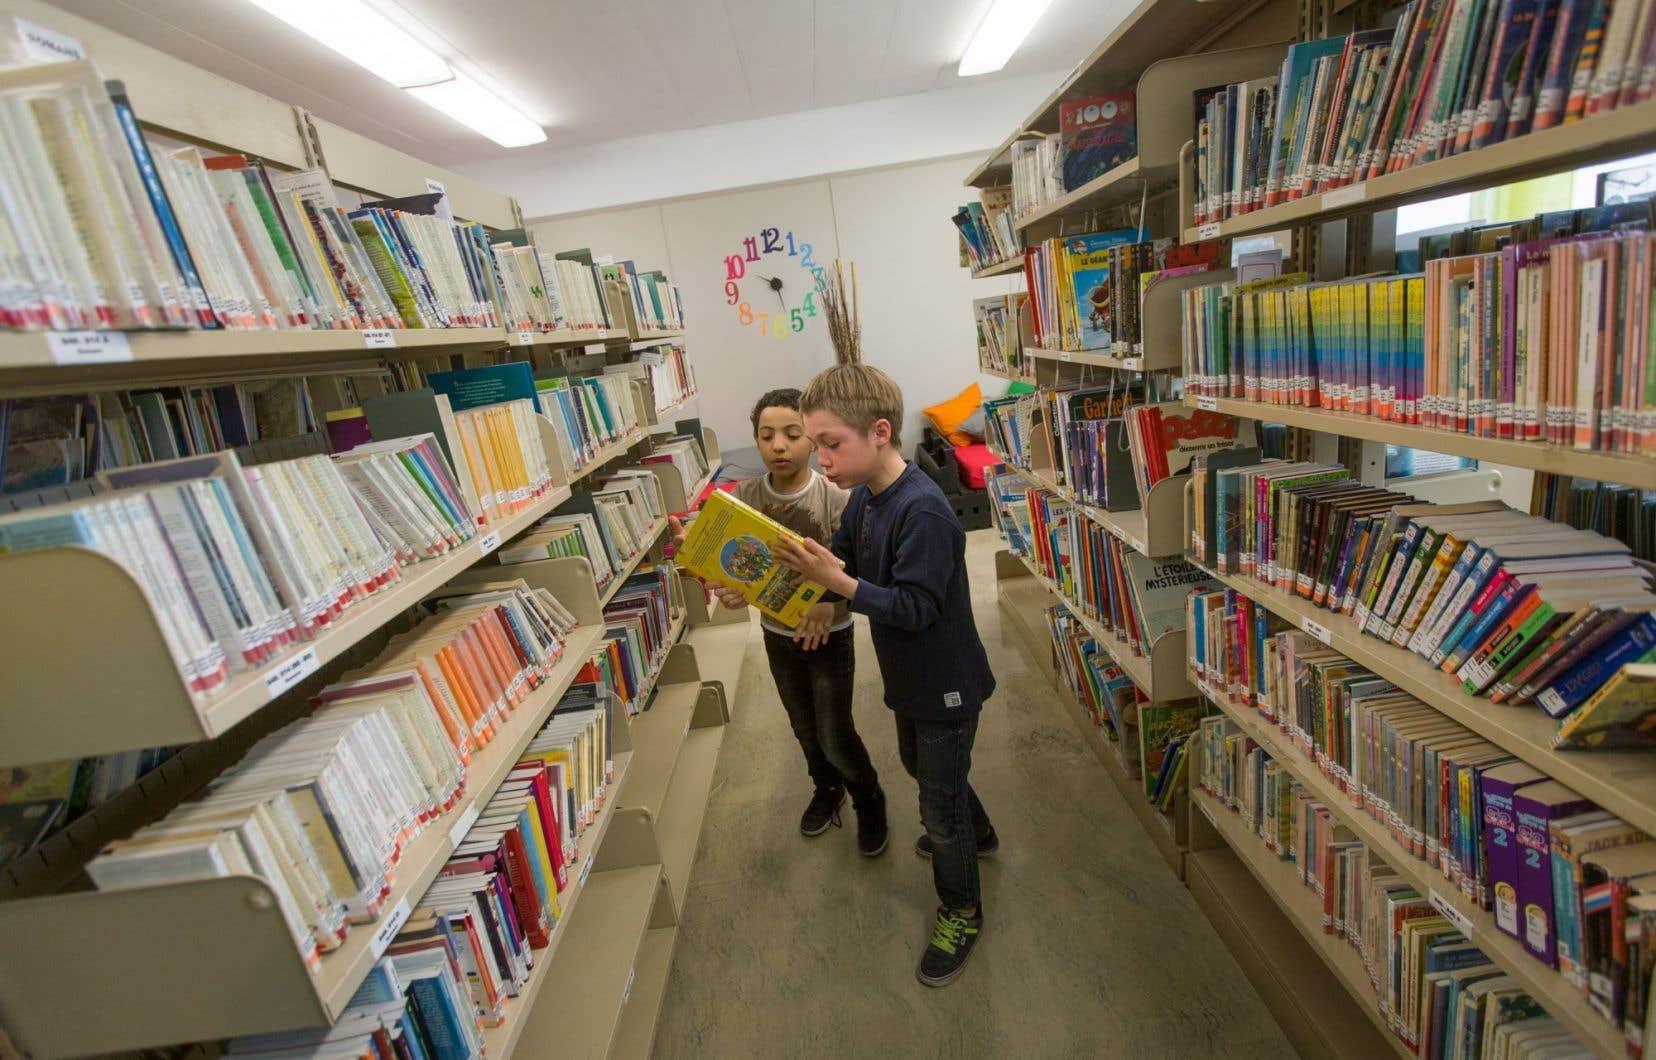 L'Association pour la promotion des services documentaires scolaires présume qu'il y a à peu près une biblio par école, soit 2300 au Québec, pour desservir une population de 1 120 000 élèves, à vue de nez.